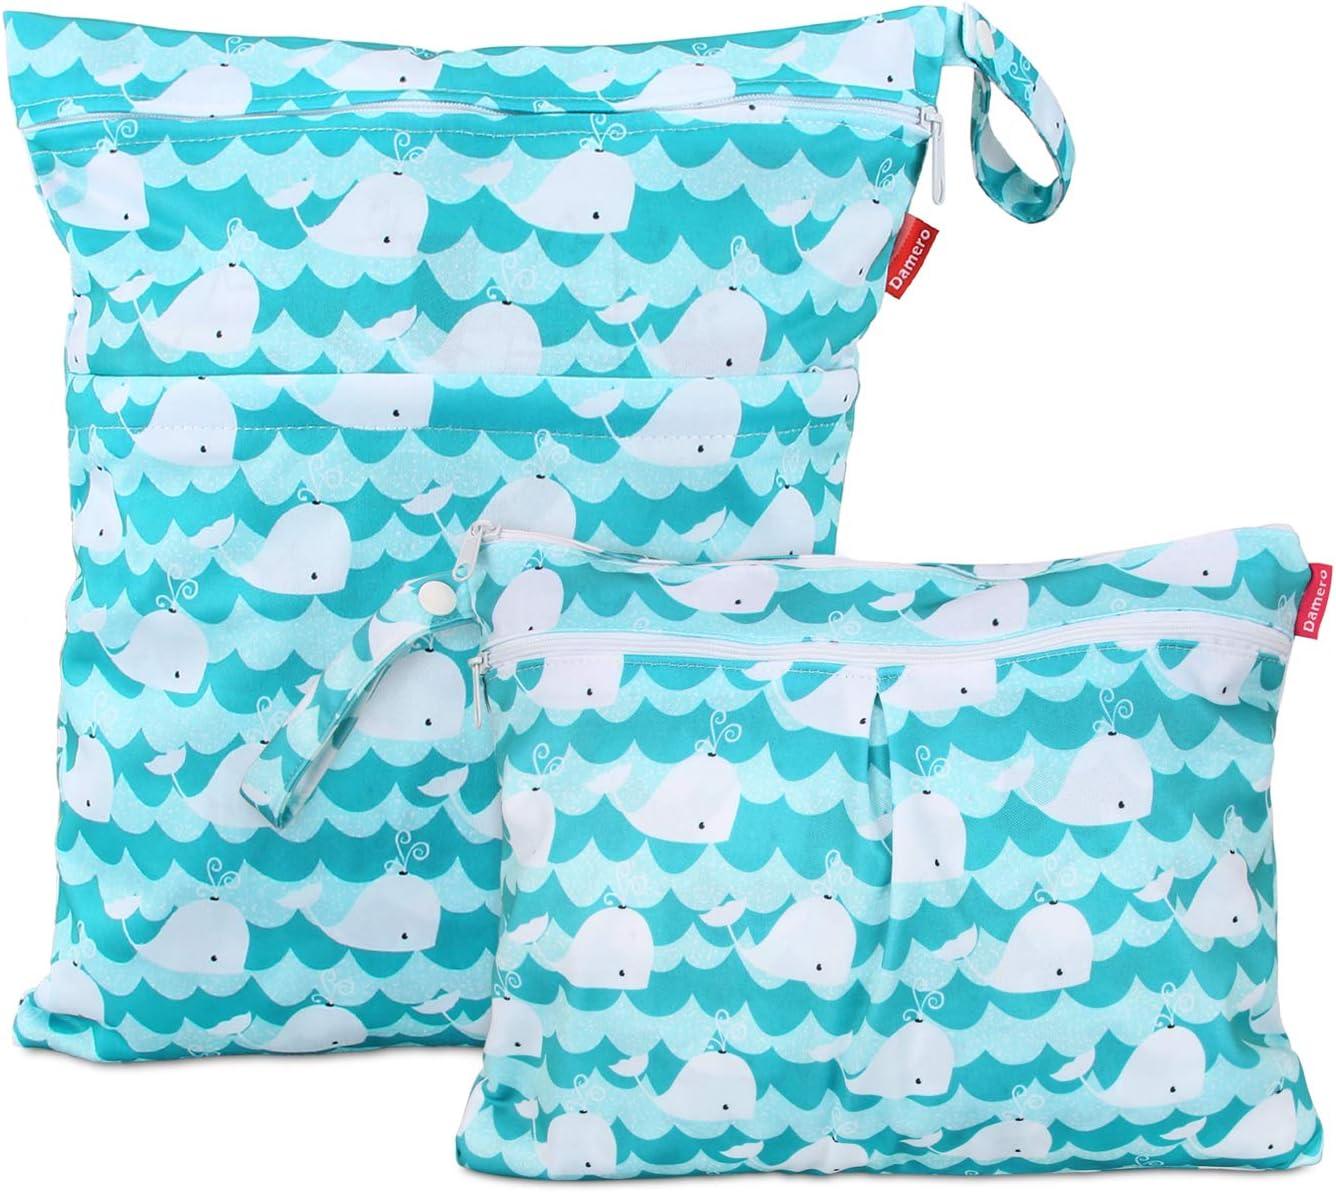 Damero 2 piezas Bolsa de Pañales Reutilizable, Bolsa de Cambio de Pañal para Bebes Impermeable, Bolsa para la Ropa de Bebé para pañales, ropa sucia y más